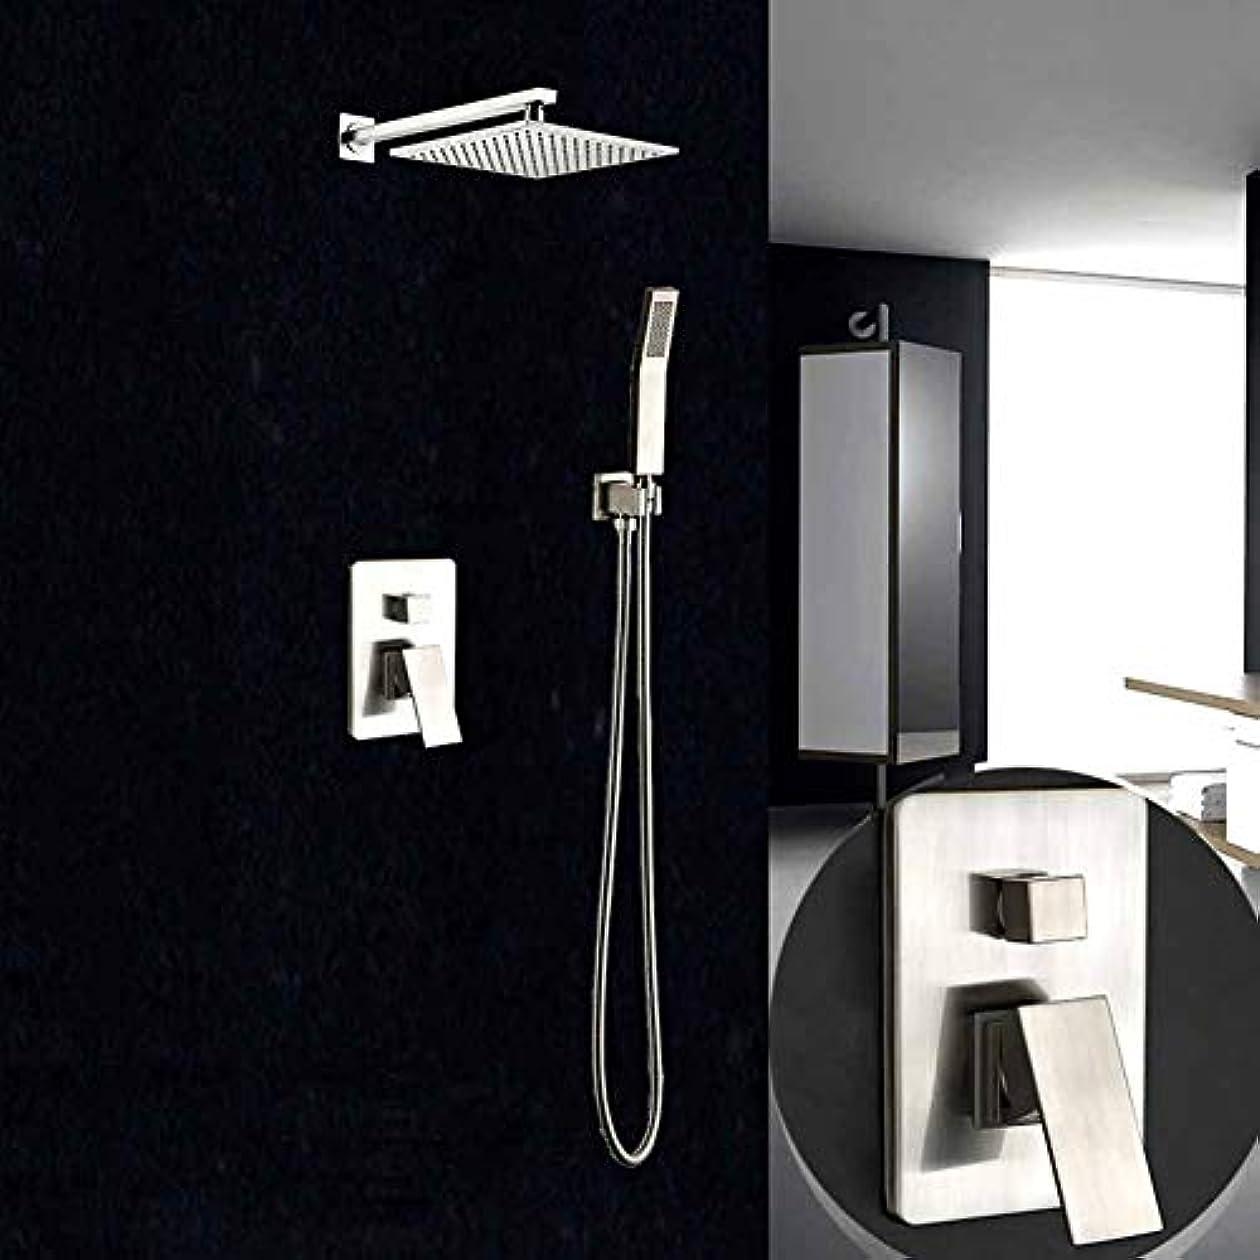 覚醒冗長スーダンシャワーシステム、ステンレススチールシャワーセットモダンソリッドブラスウォールマウントレインシャワーシステムハンドシャワー浴室シャワーバルブ(8インチ)